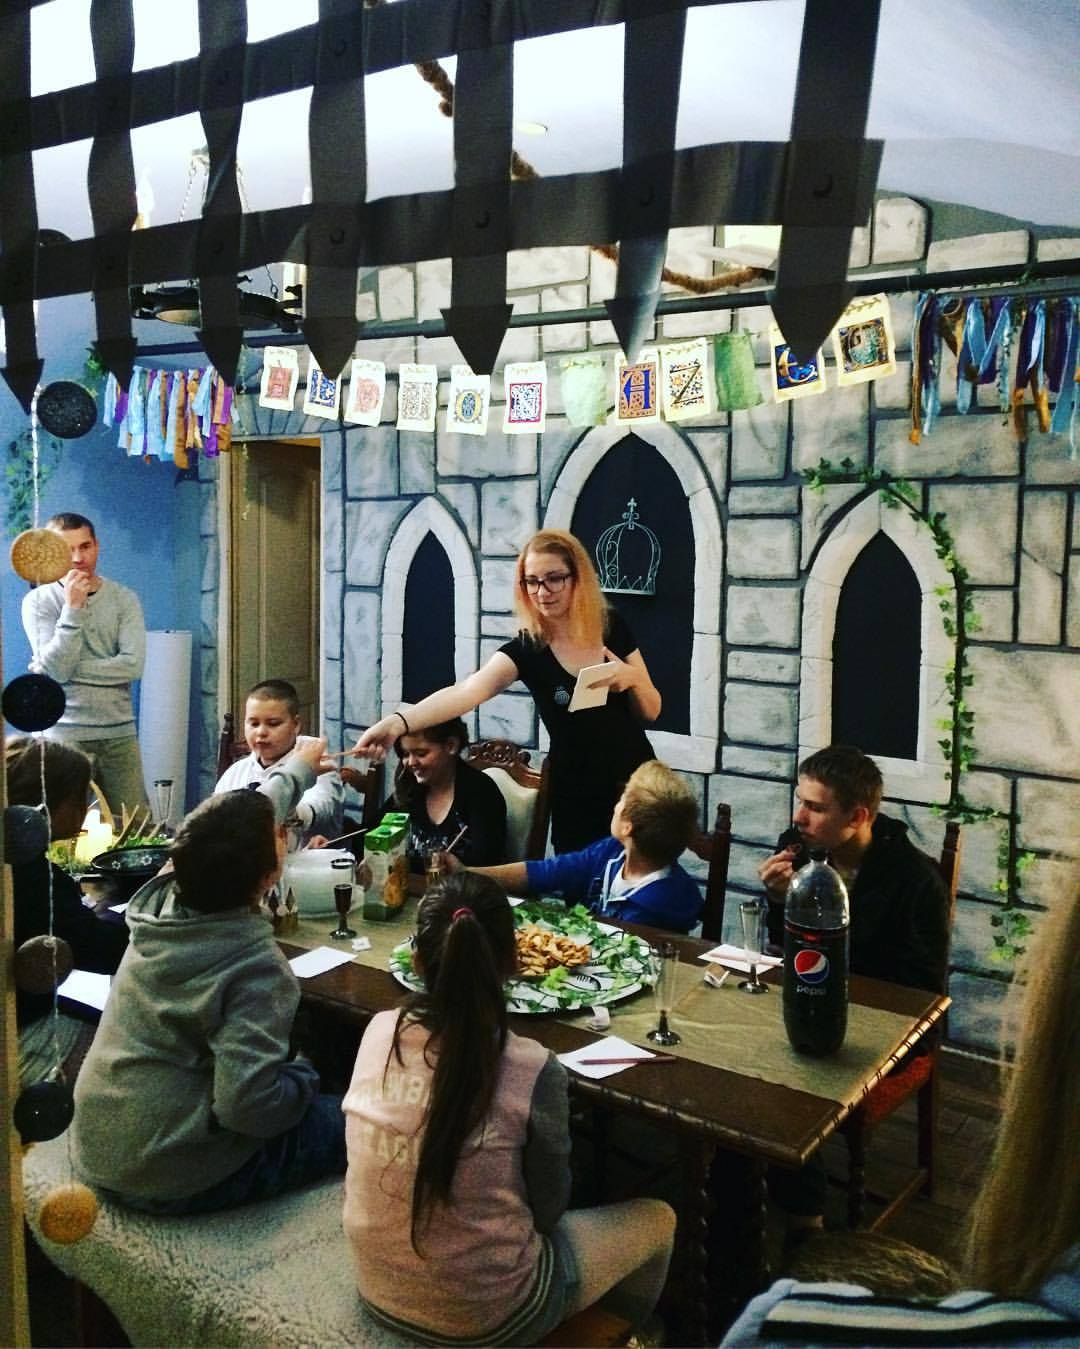 születésnapi helyszín gyerekeknek Így lehet igazán emlékezetes gyermekünk számára a születésnapi  születésnapi helyszín gyerekeknek